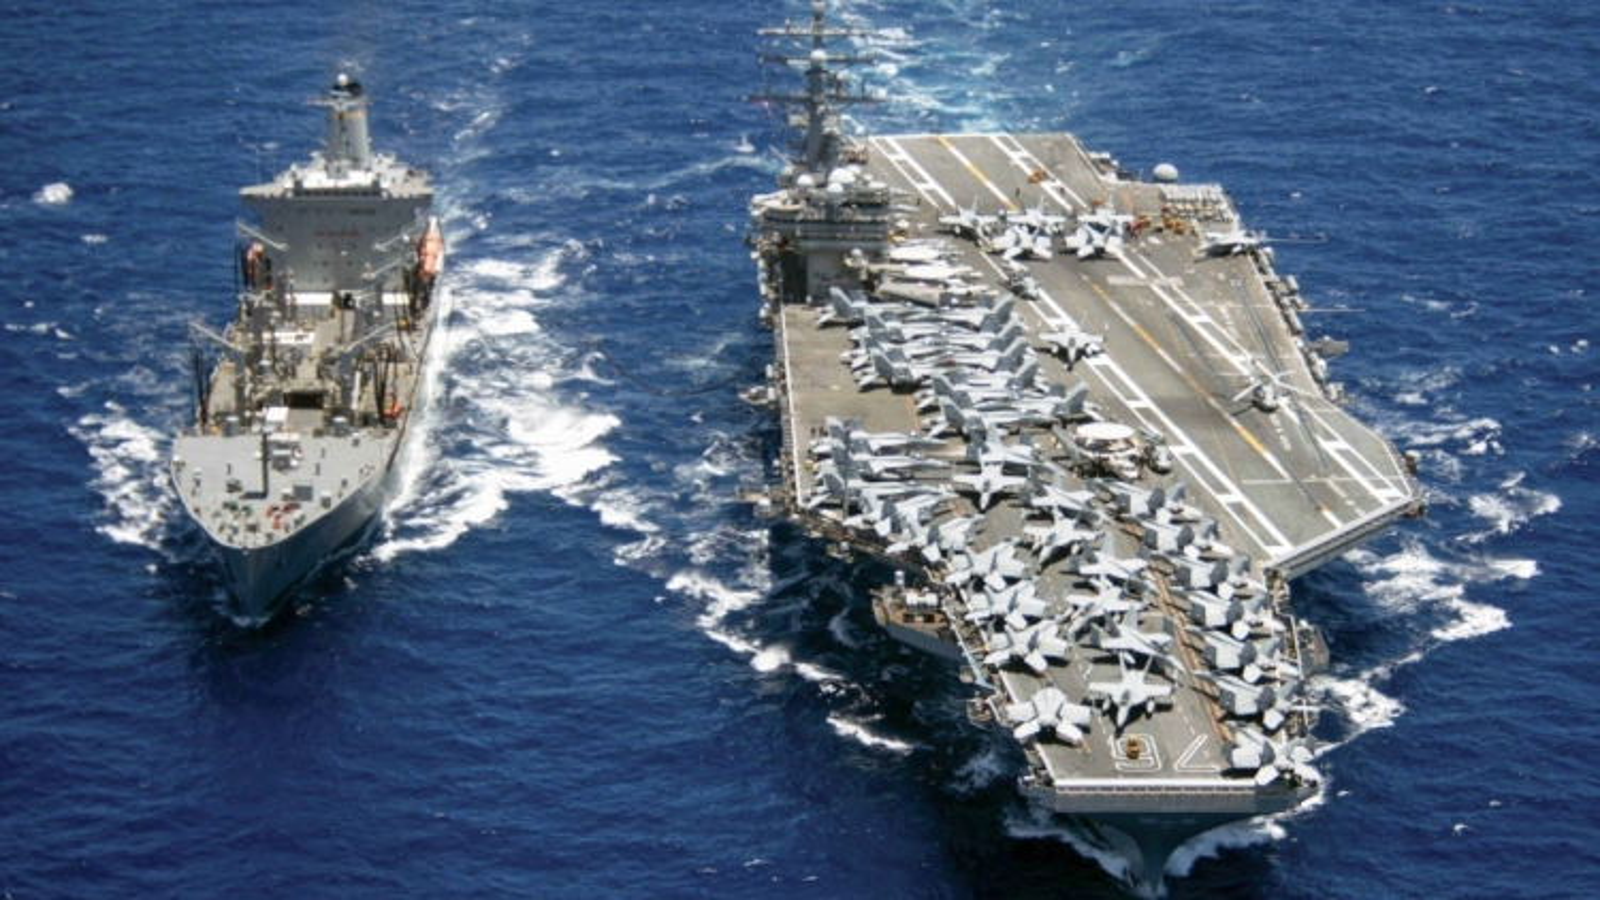 Nhóm tác chiến tàu sân bay Hải quân Mỹ hoạt động ở Biển Đông